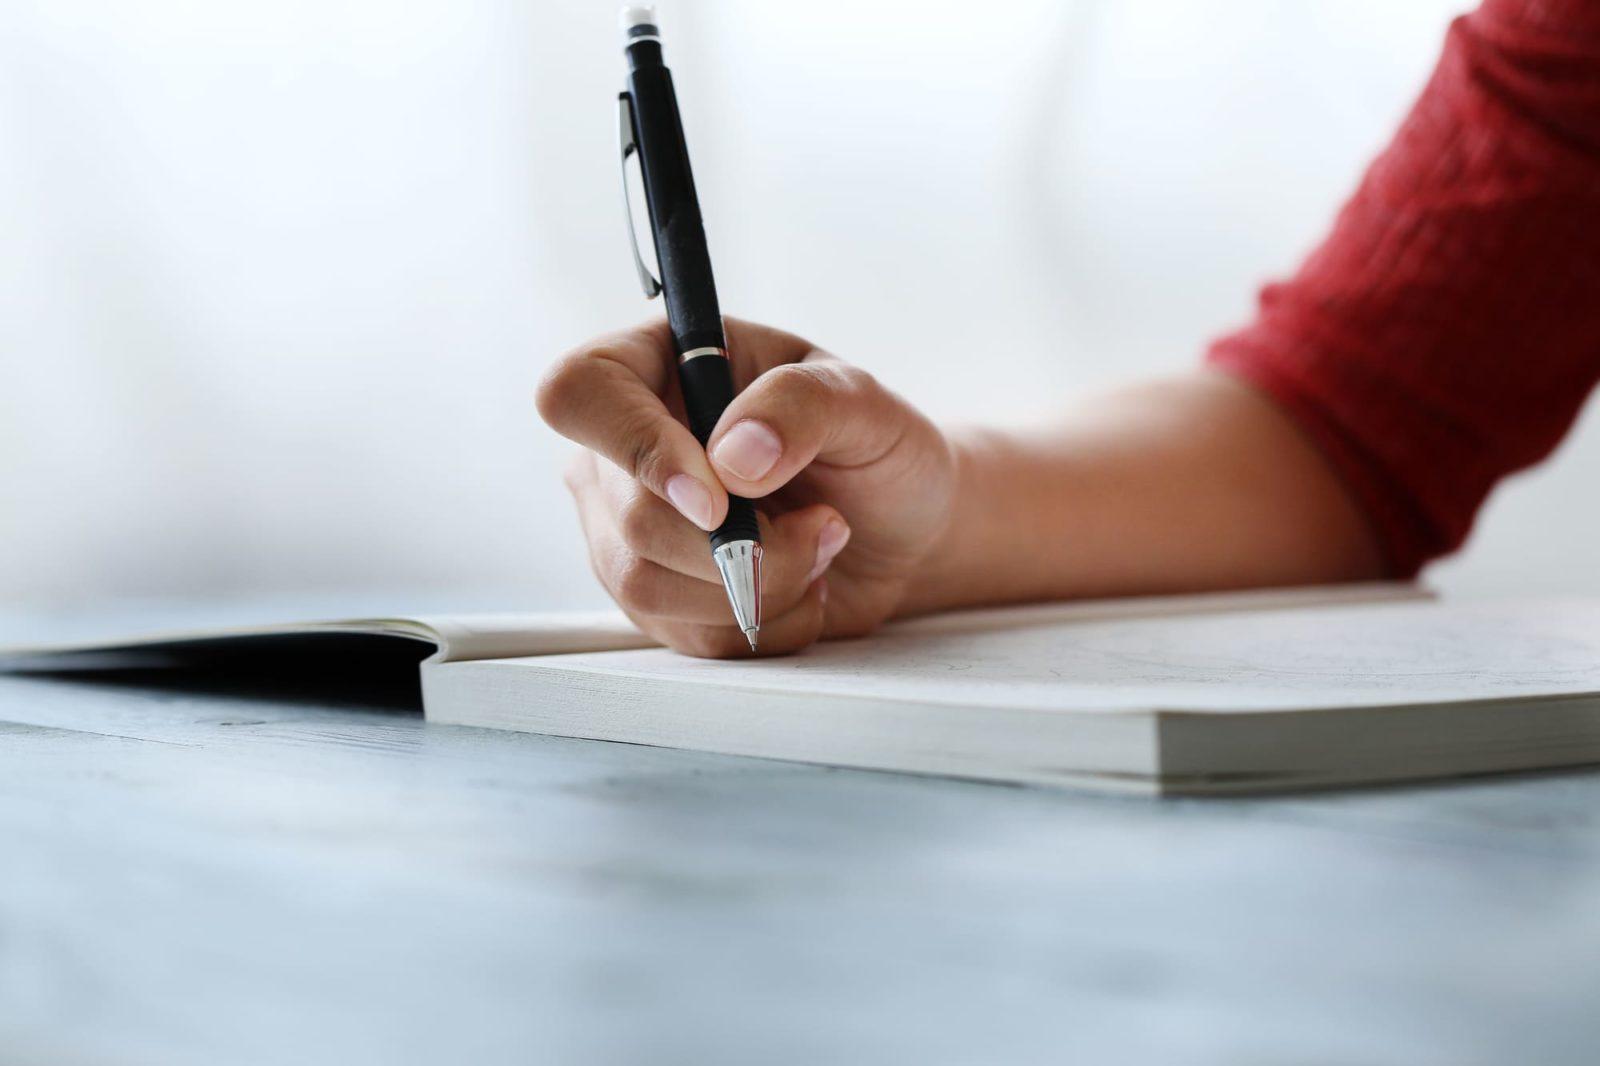 consejos-para-redactar-el-tfg-o-tfm